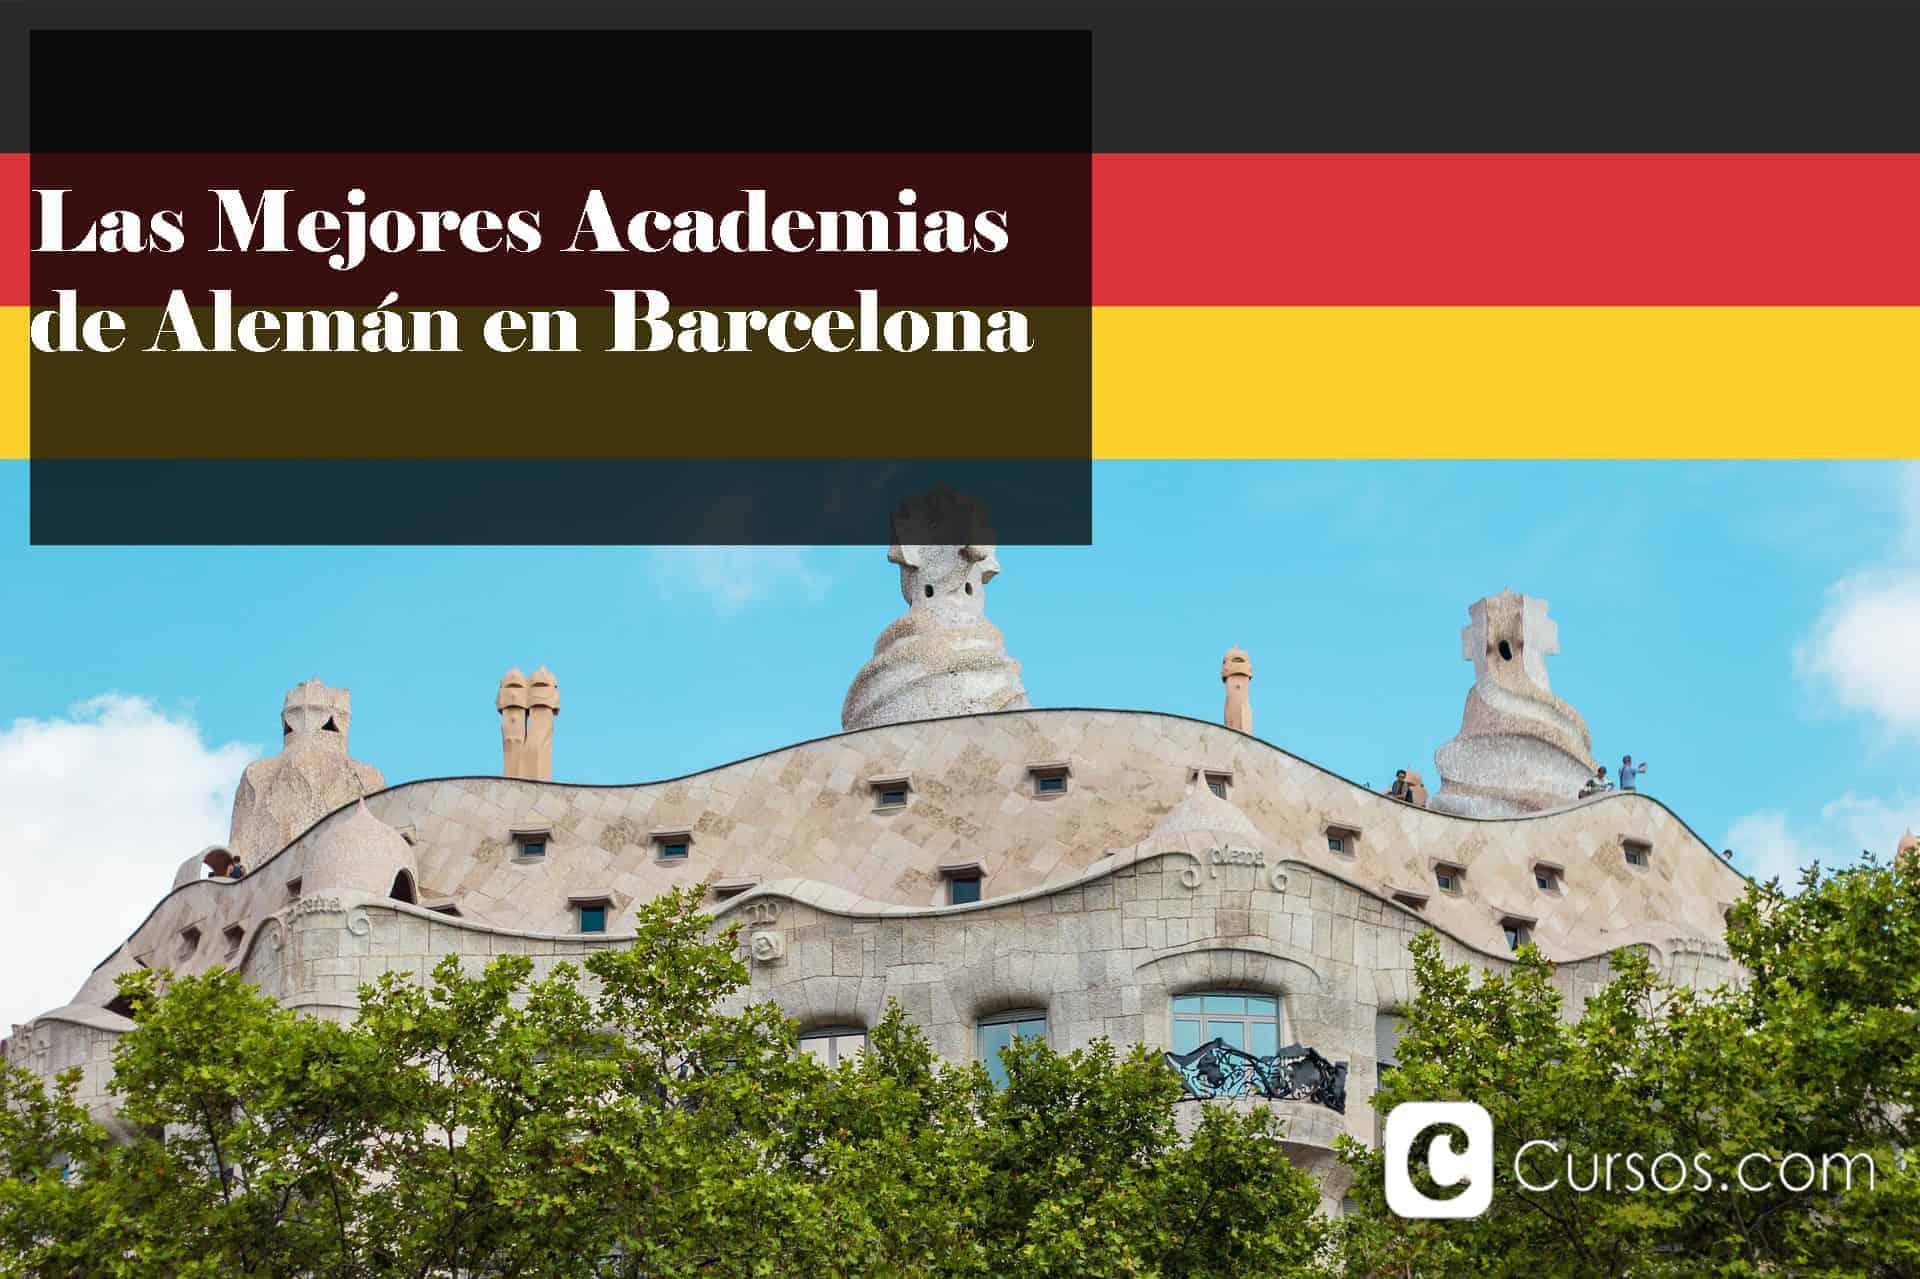 Las Mejores Academias de Alemán en Barcelona